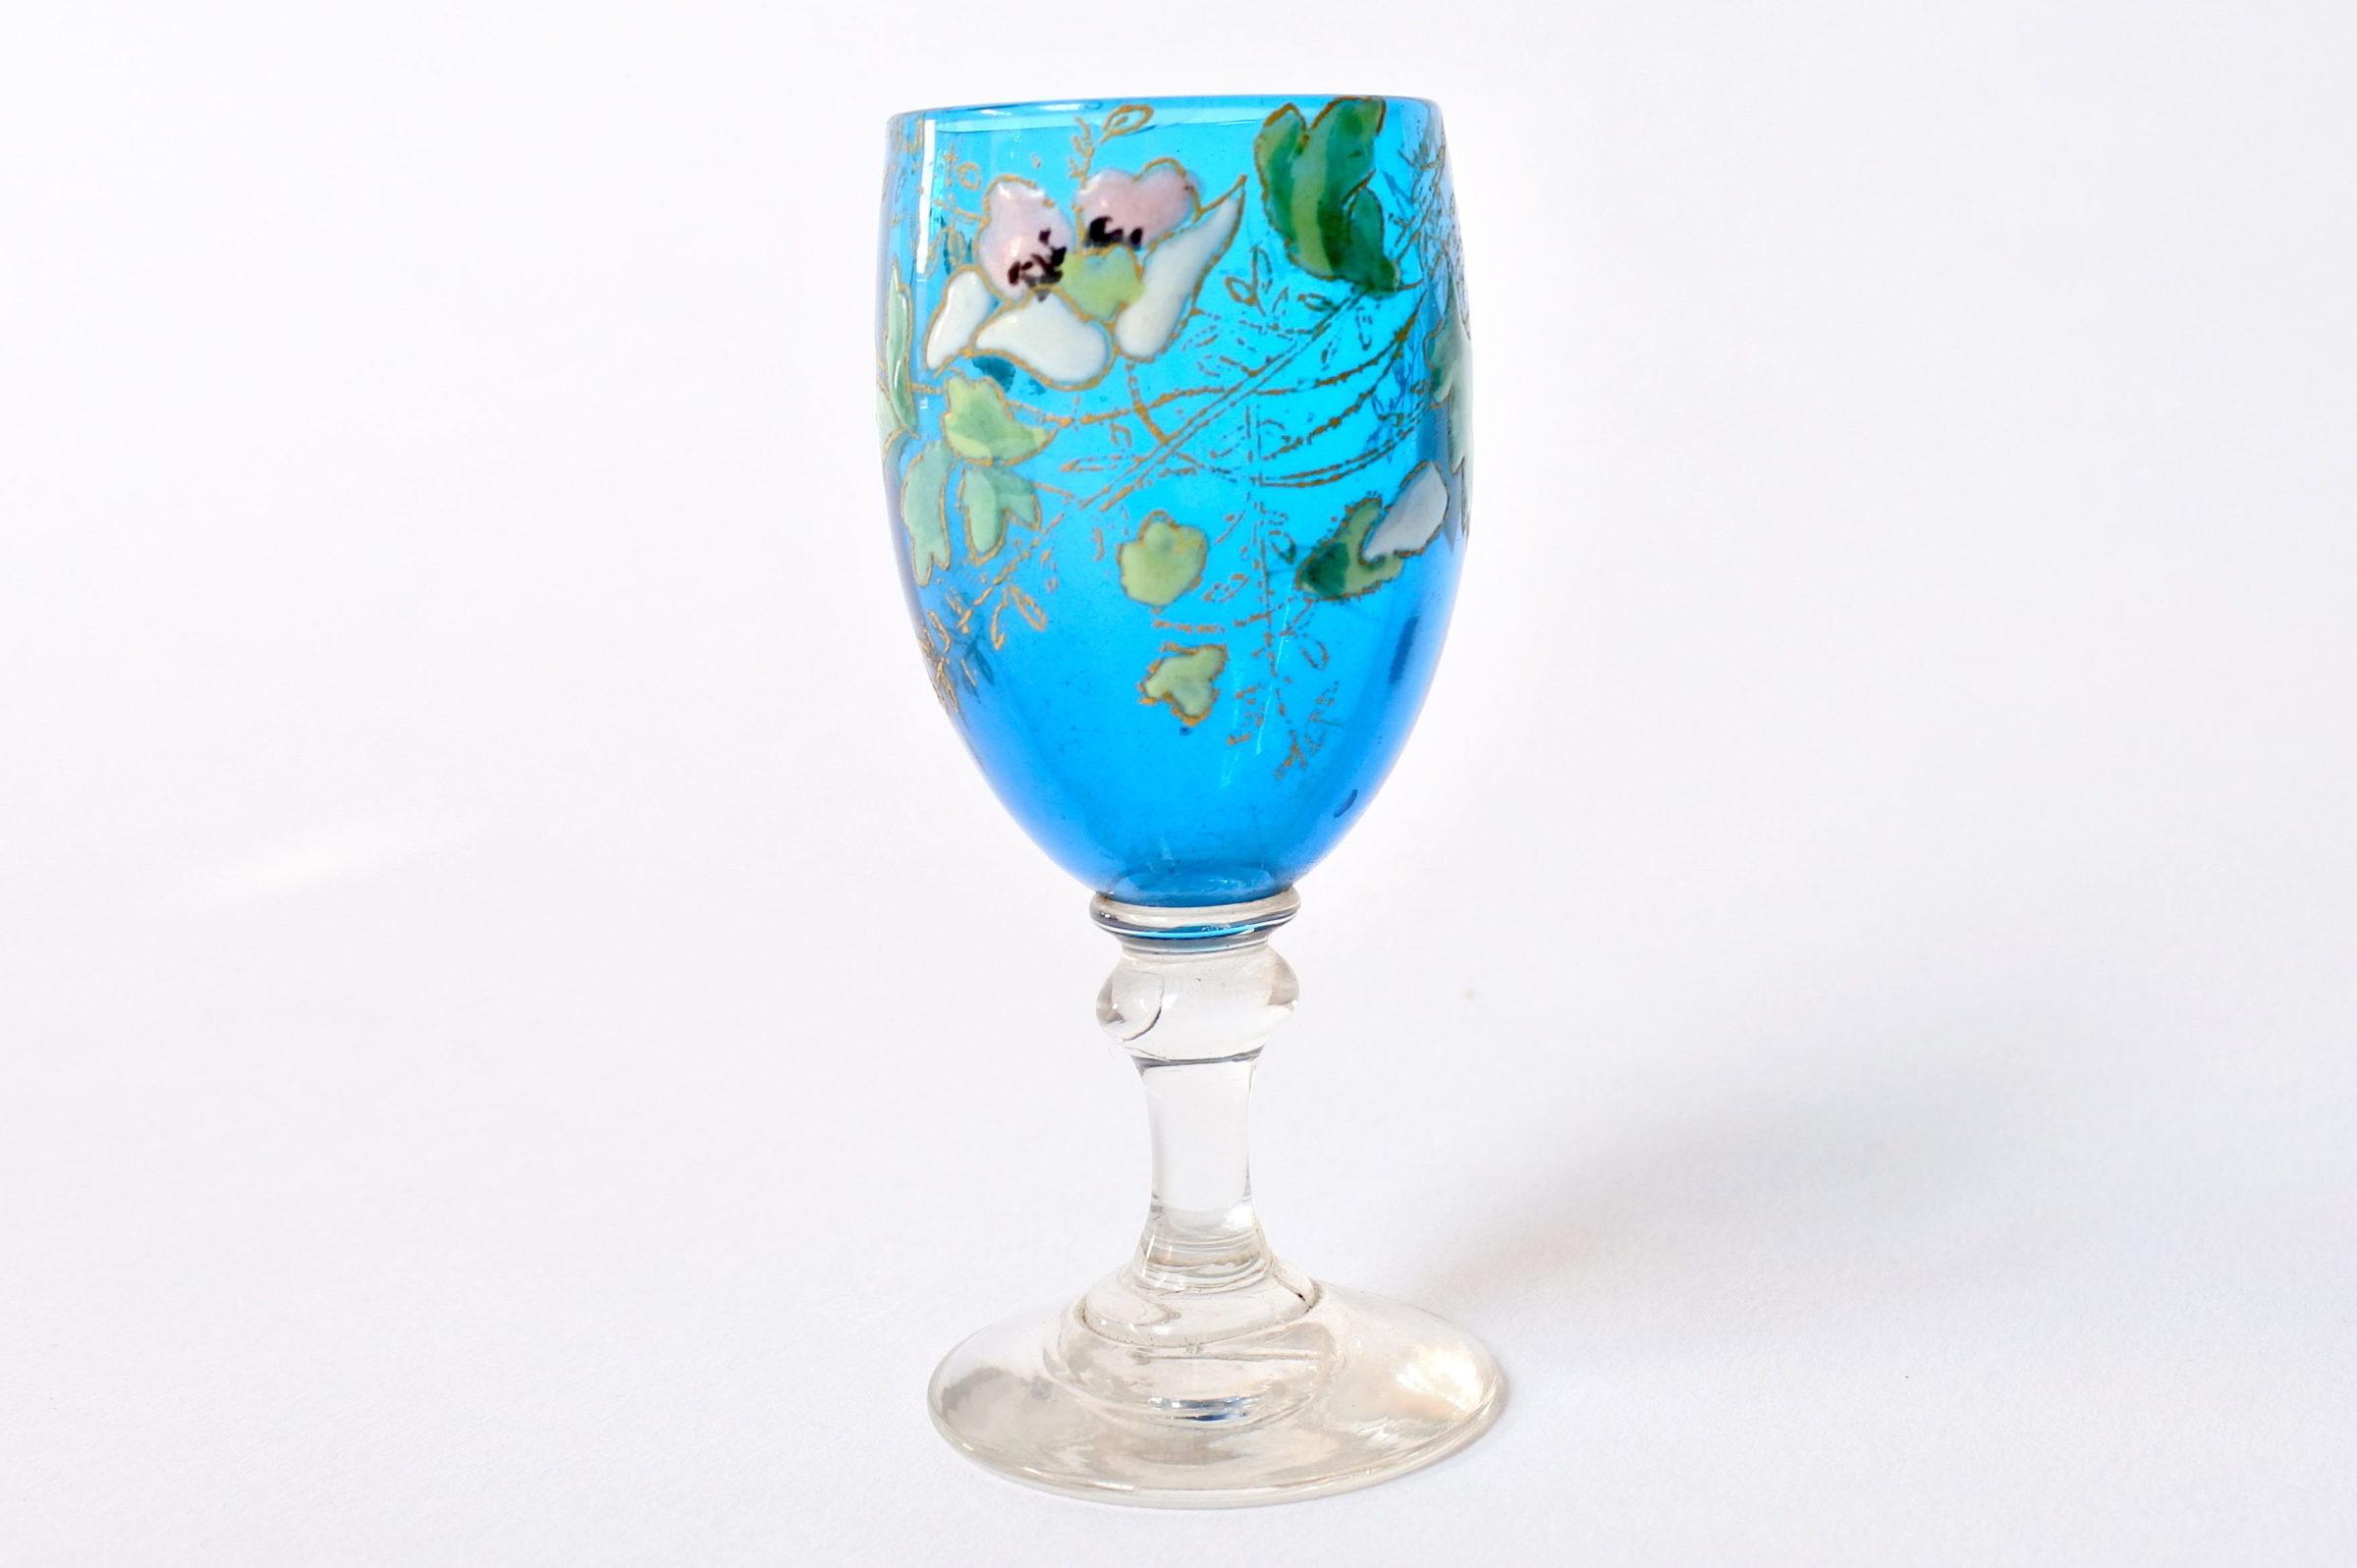 6 bicchierini Legras a calice in vetro soffiato con rami di fiori smaltati - 2